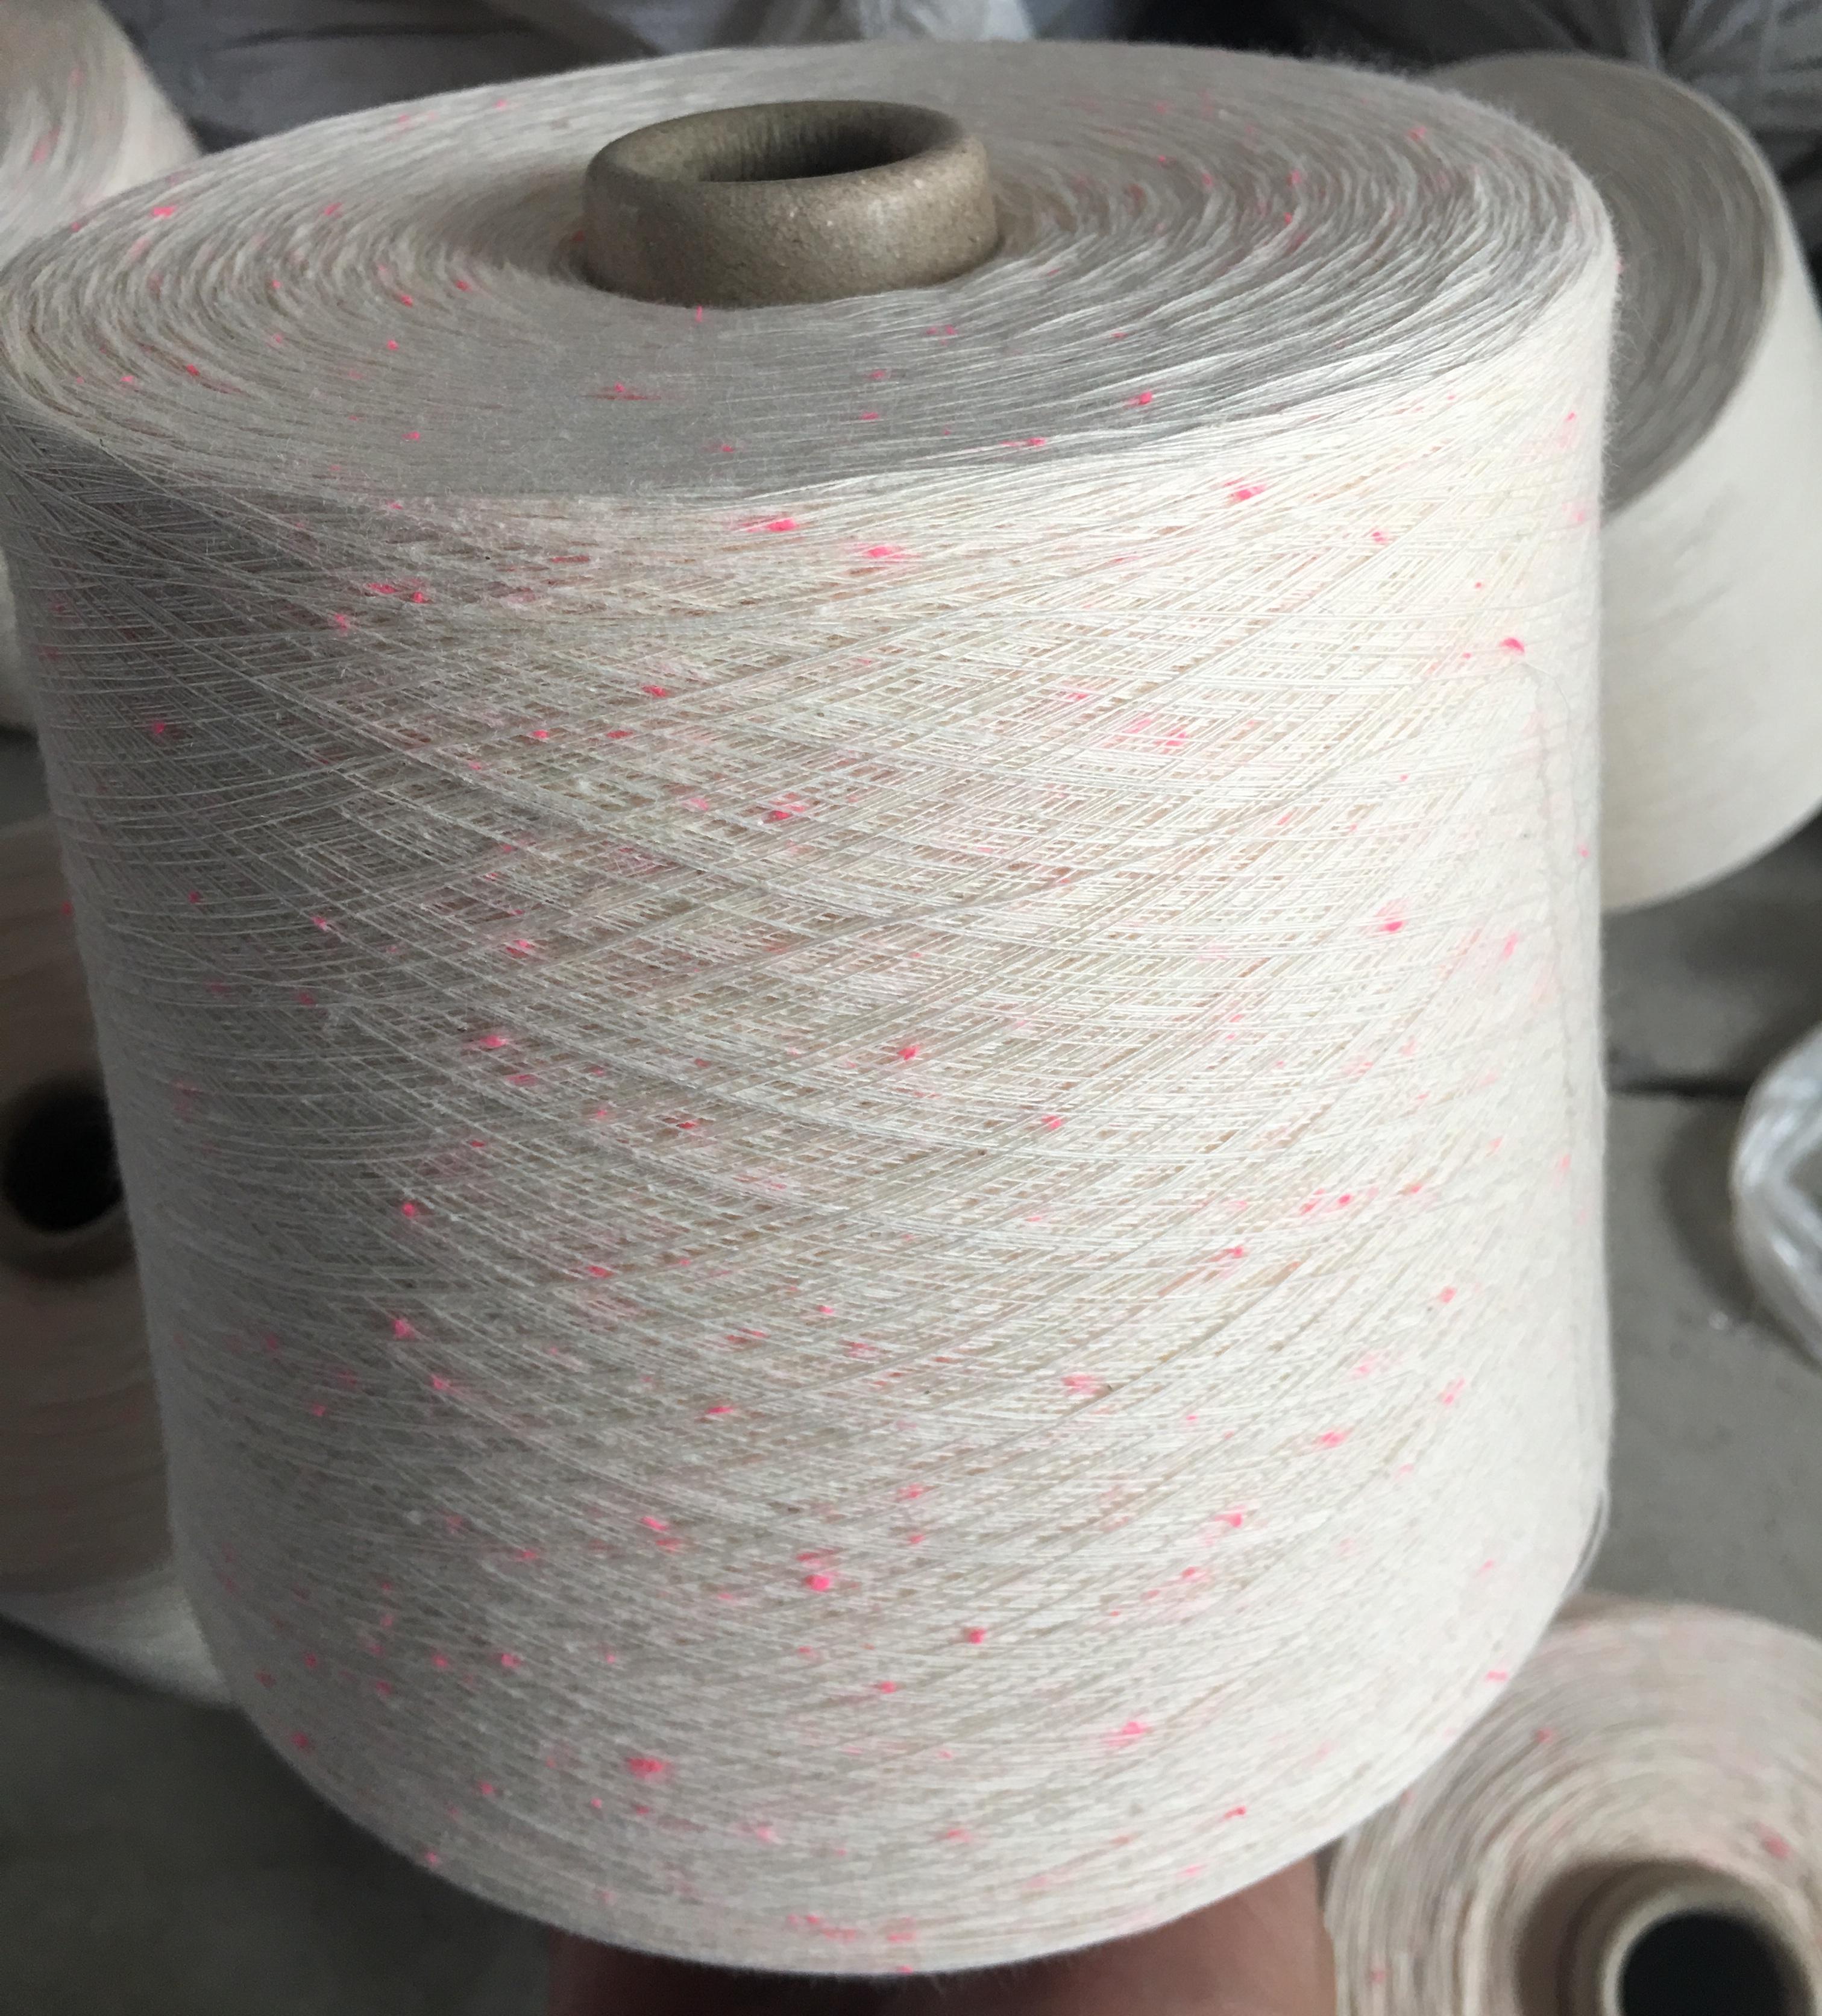 荧光点子纱 高品质棉加荧光点子纱 涤纶彩点可以定做